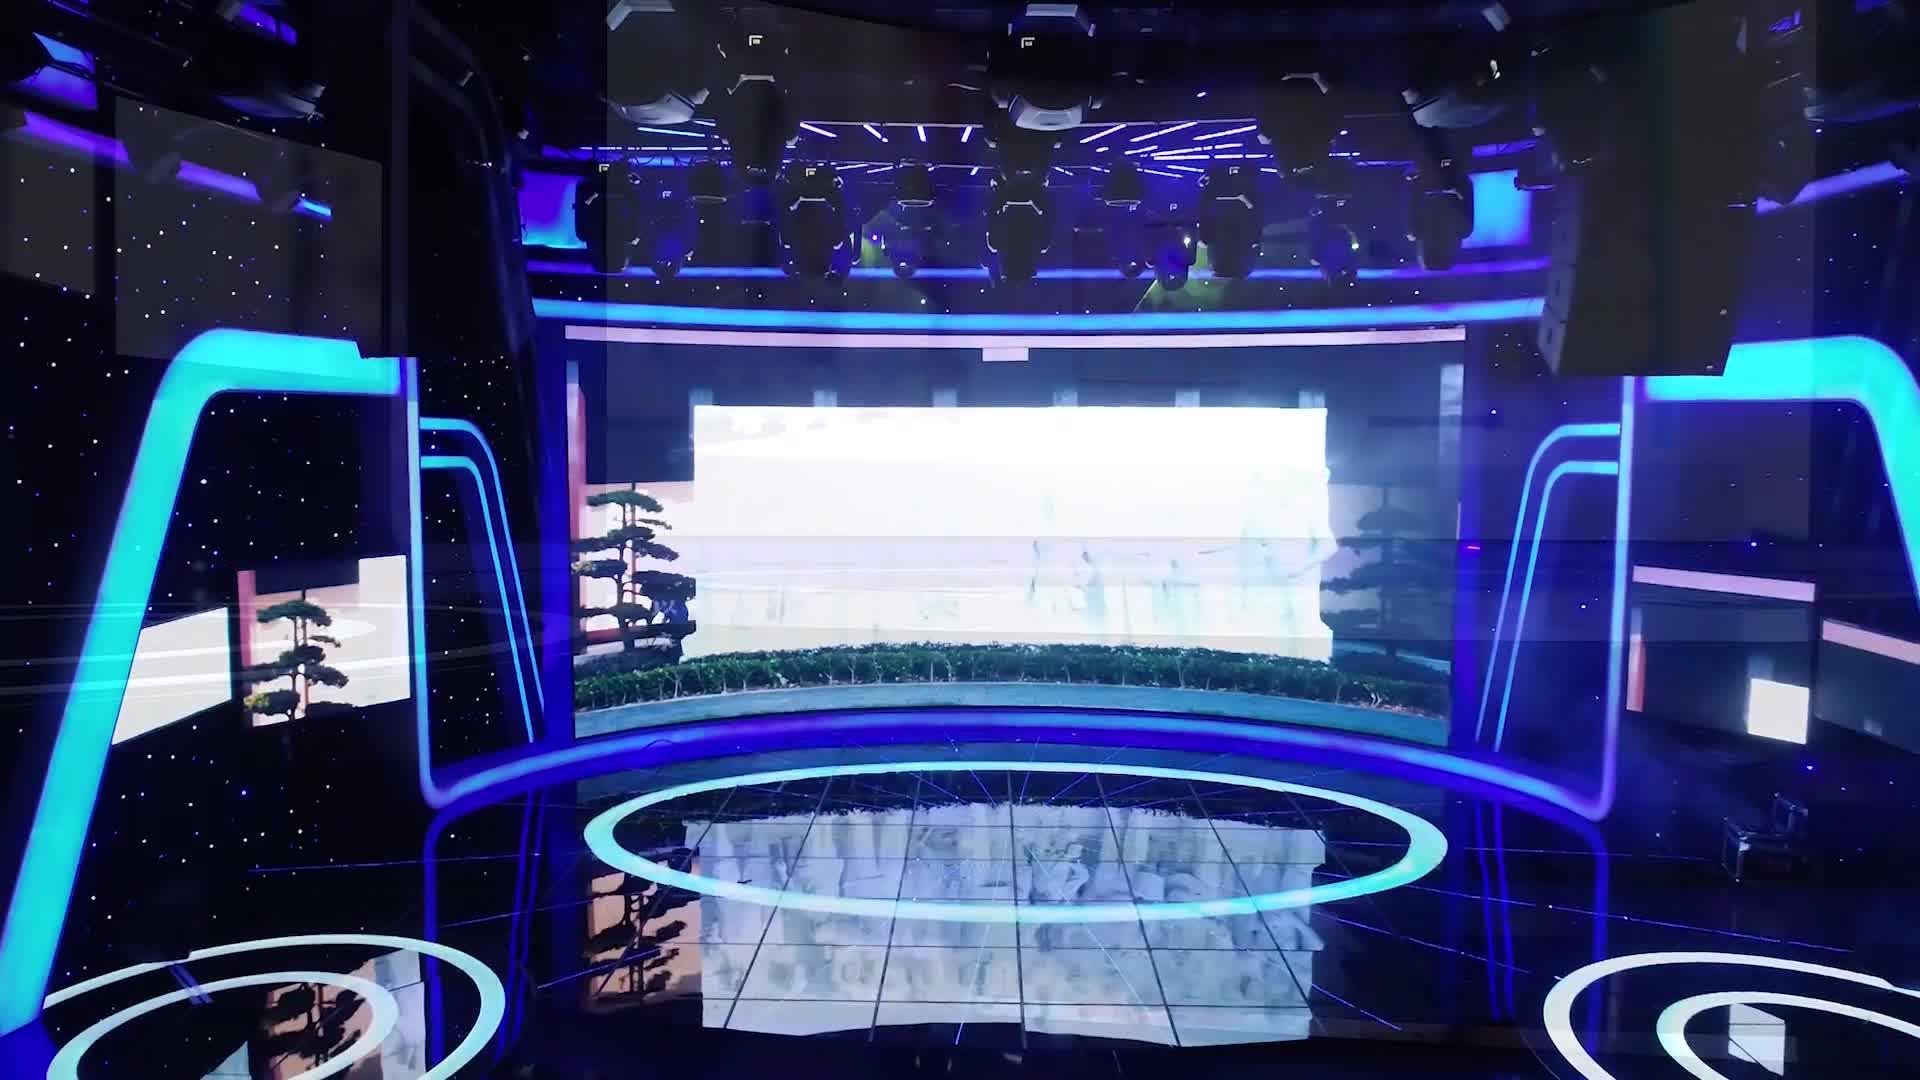 助力红视频战略建设 红网高清演播中心全新升级亮相